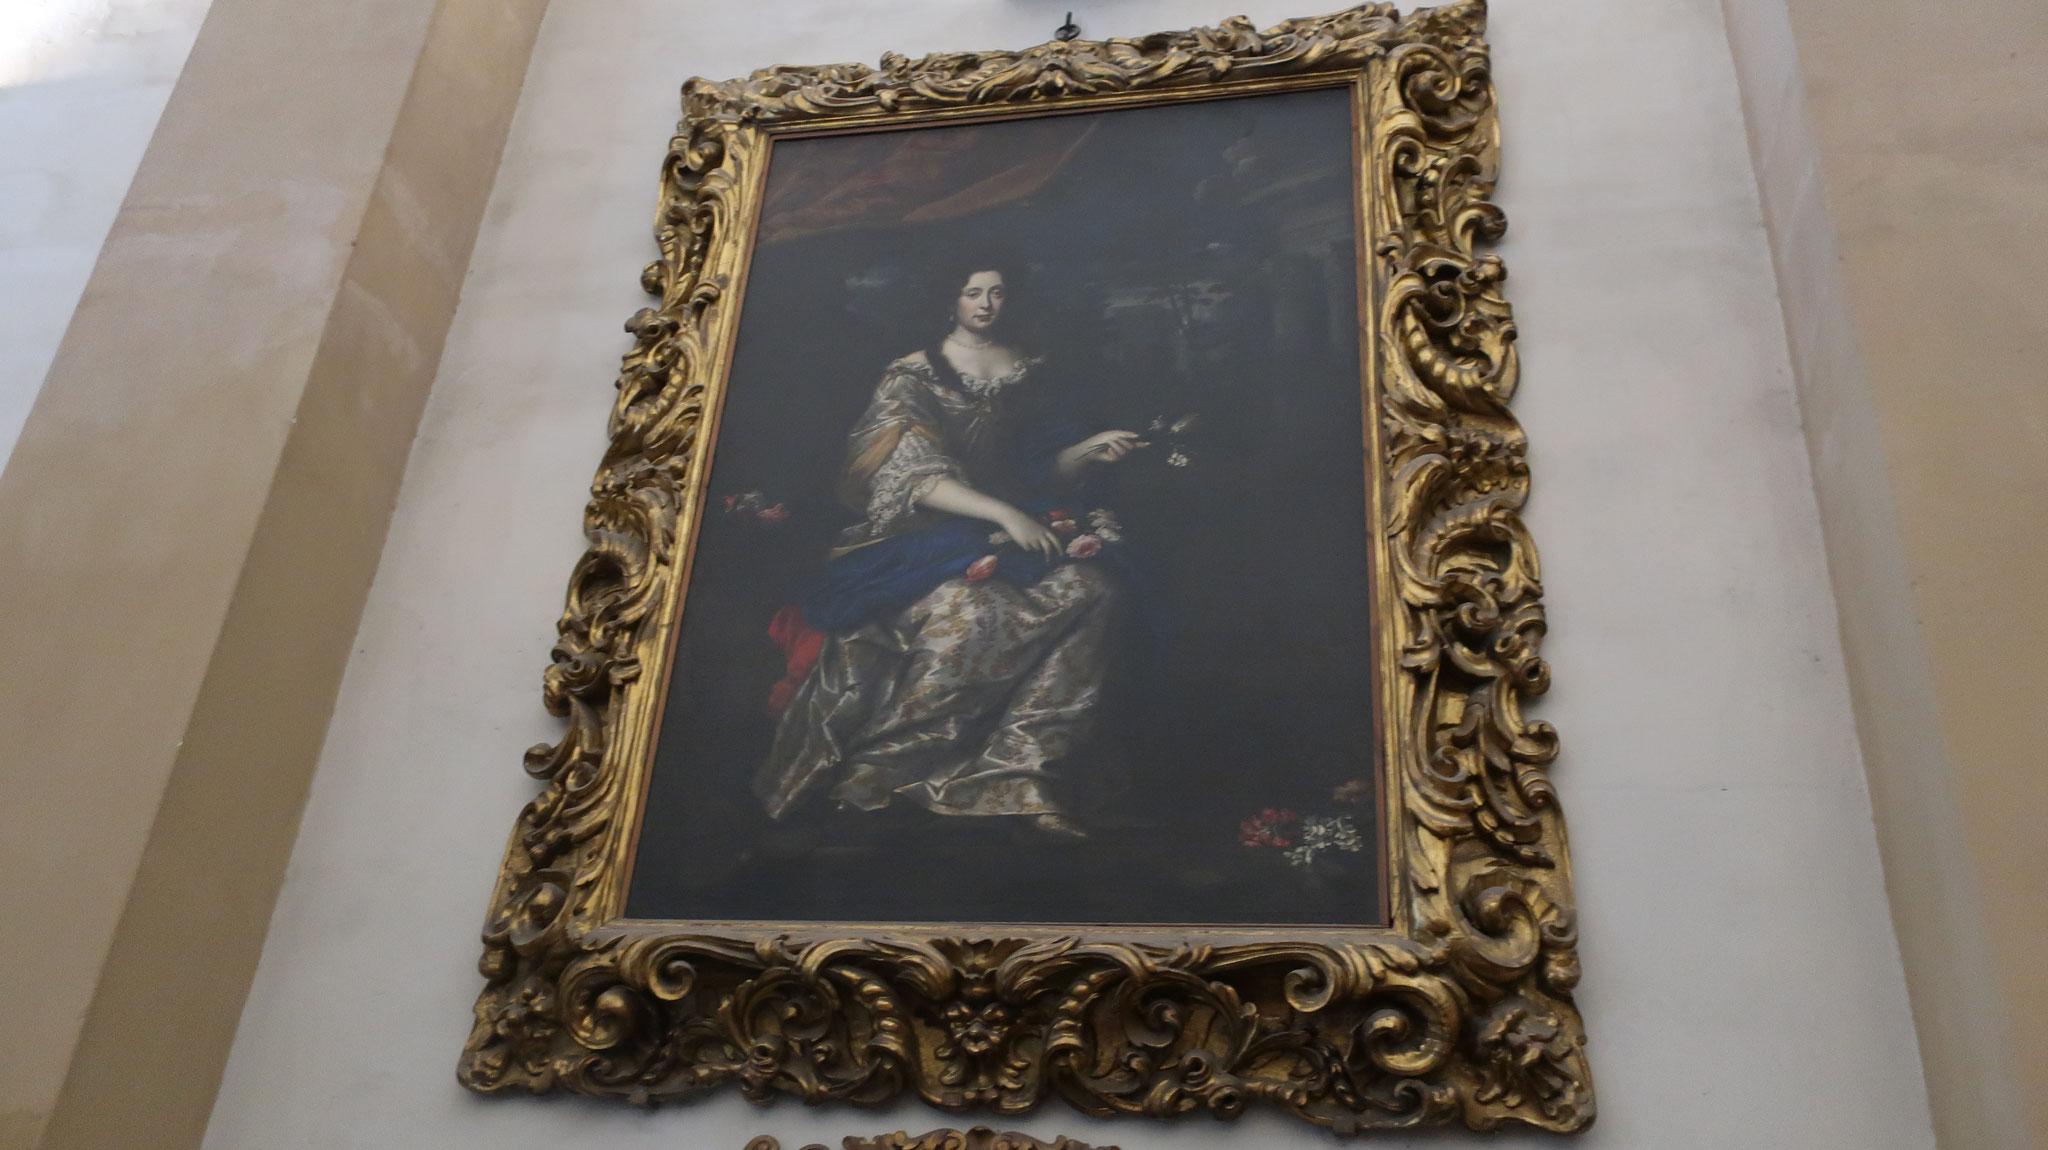 メディチ家最後のアンナ・マリア・ルイーザ・ルドヴィカ。亡くなる前に、「メディチ家が収集した美術品をフィレンツェから持ち出さない」という条件付きで、ウッフィツィをトスカーナ公国に譲りました。